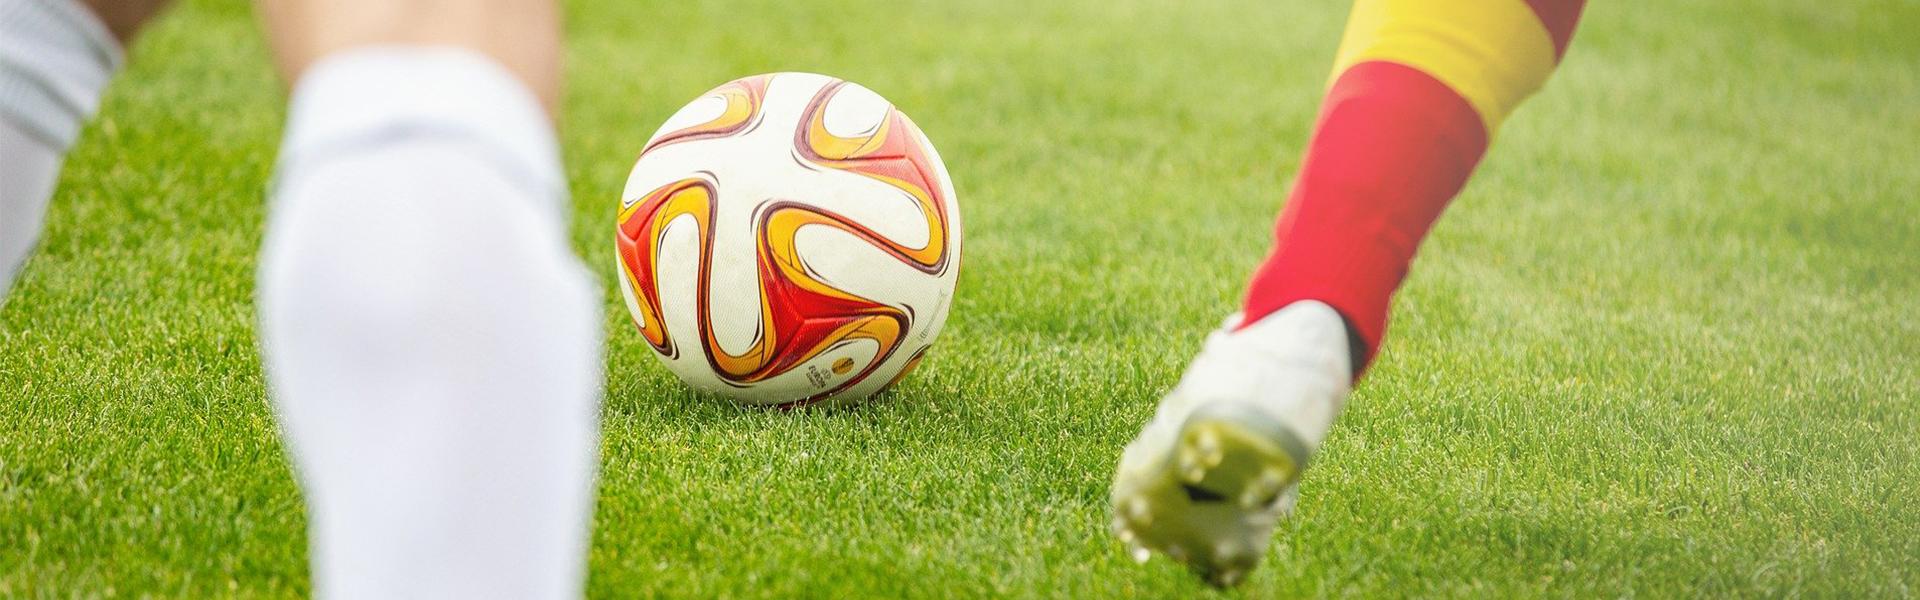 Fußballverein mit Fußball auf dem Rasen